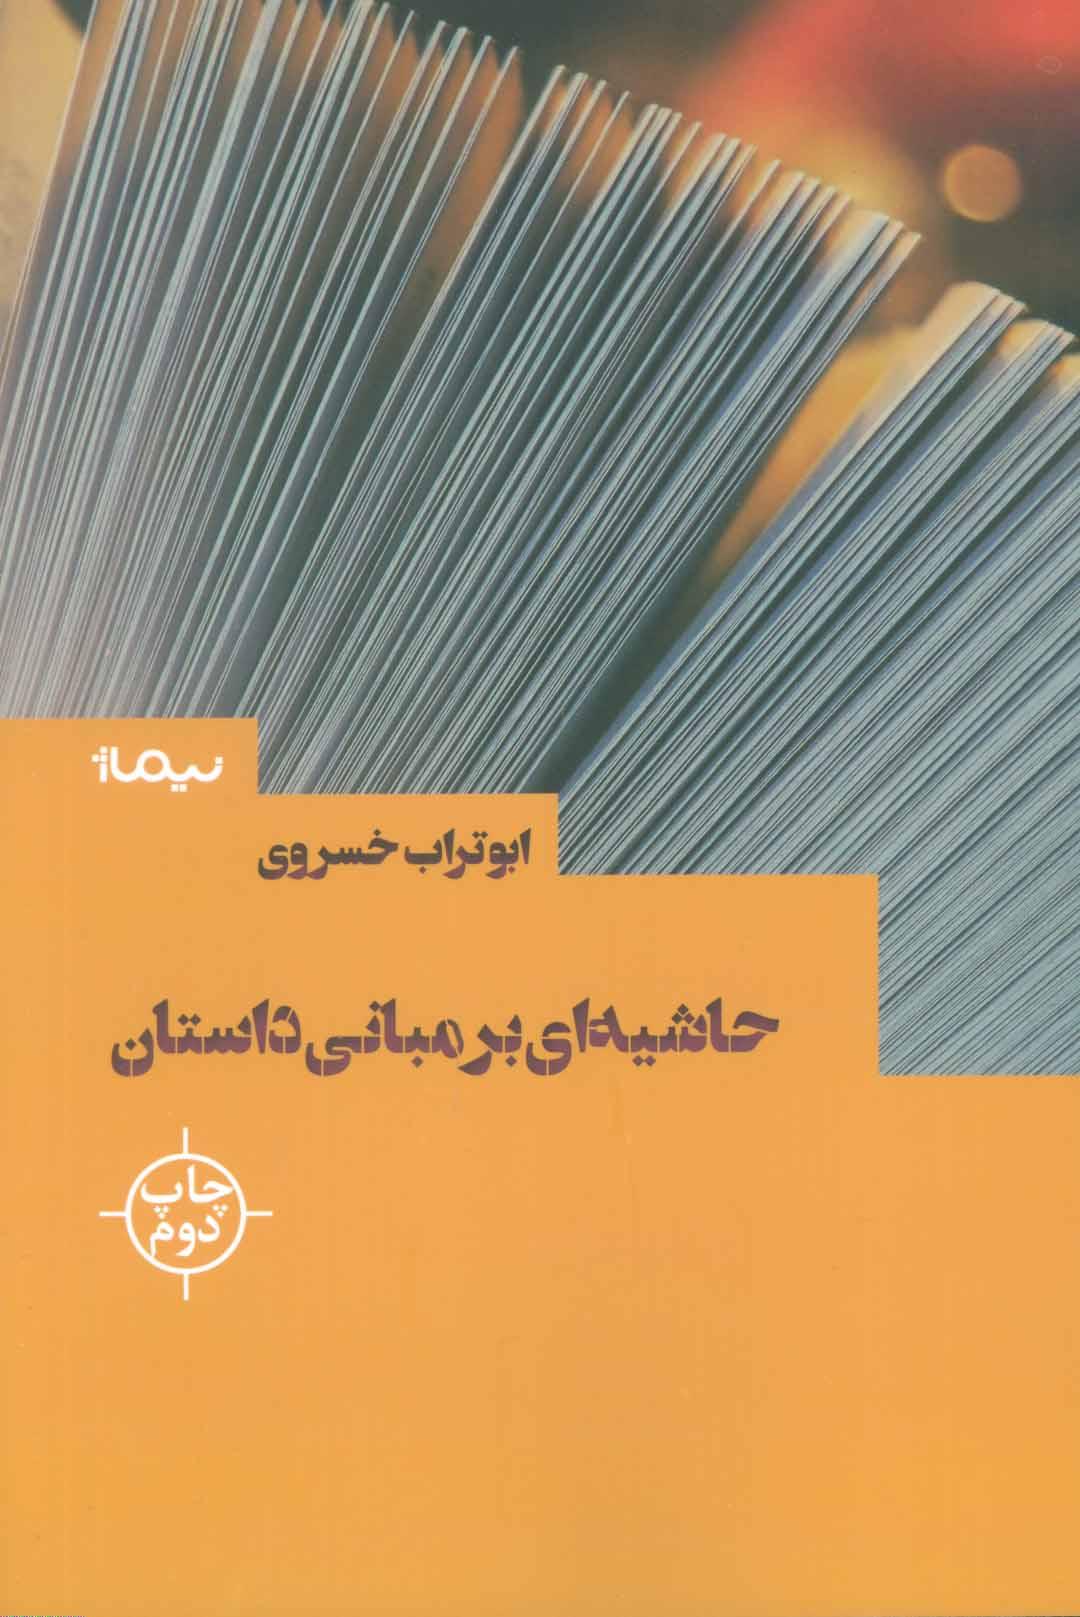 حاشیه ای بر مبانی داستان (کتاب بوطیقا)